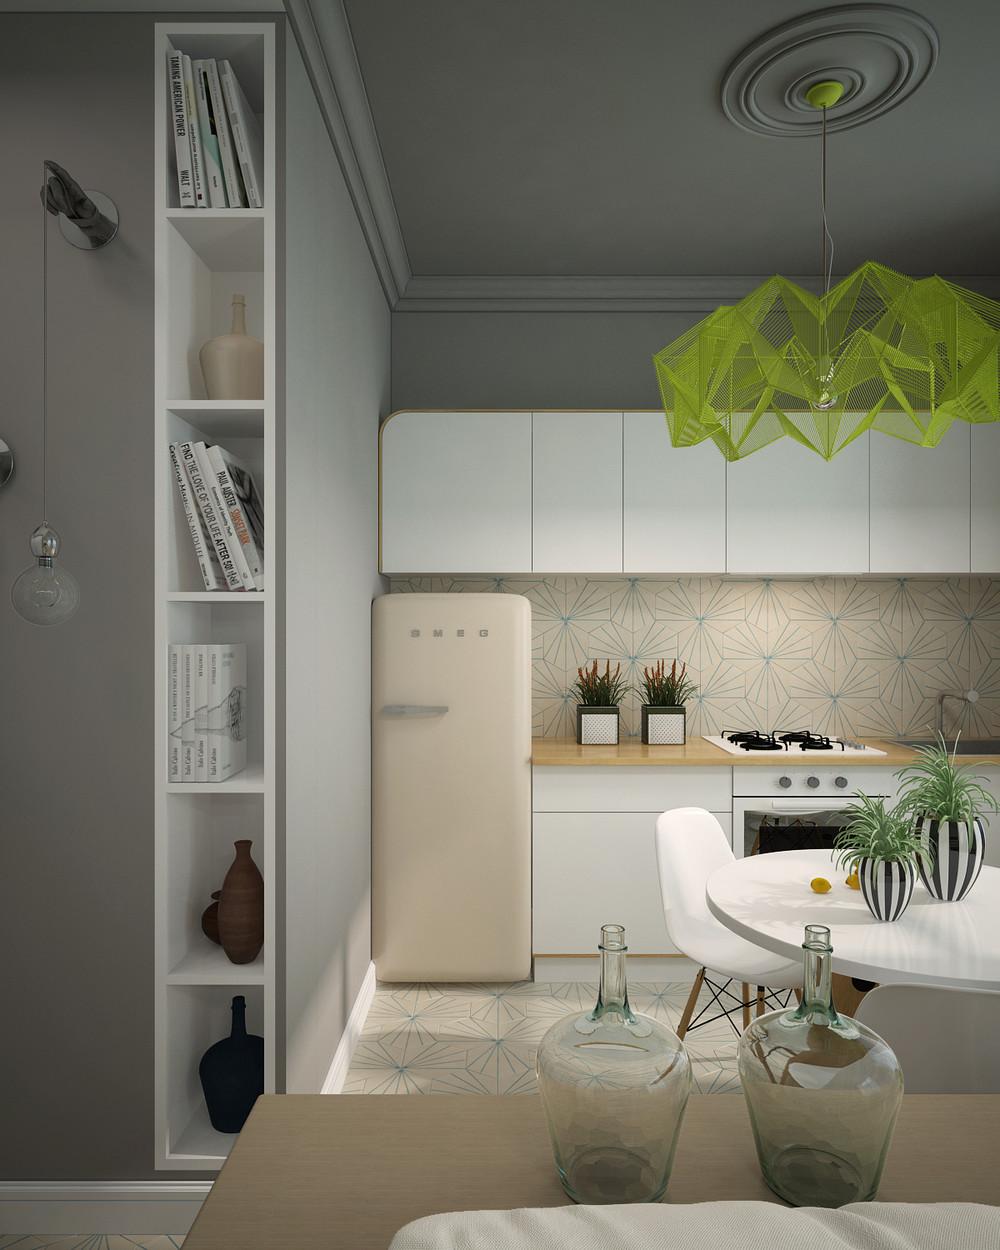 Дизайн кухни отделанной пвх панелями